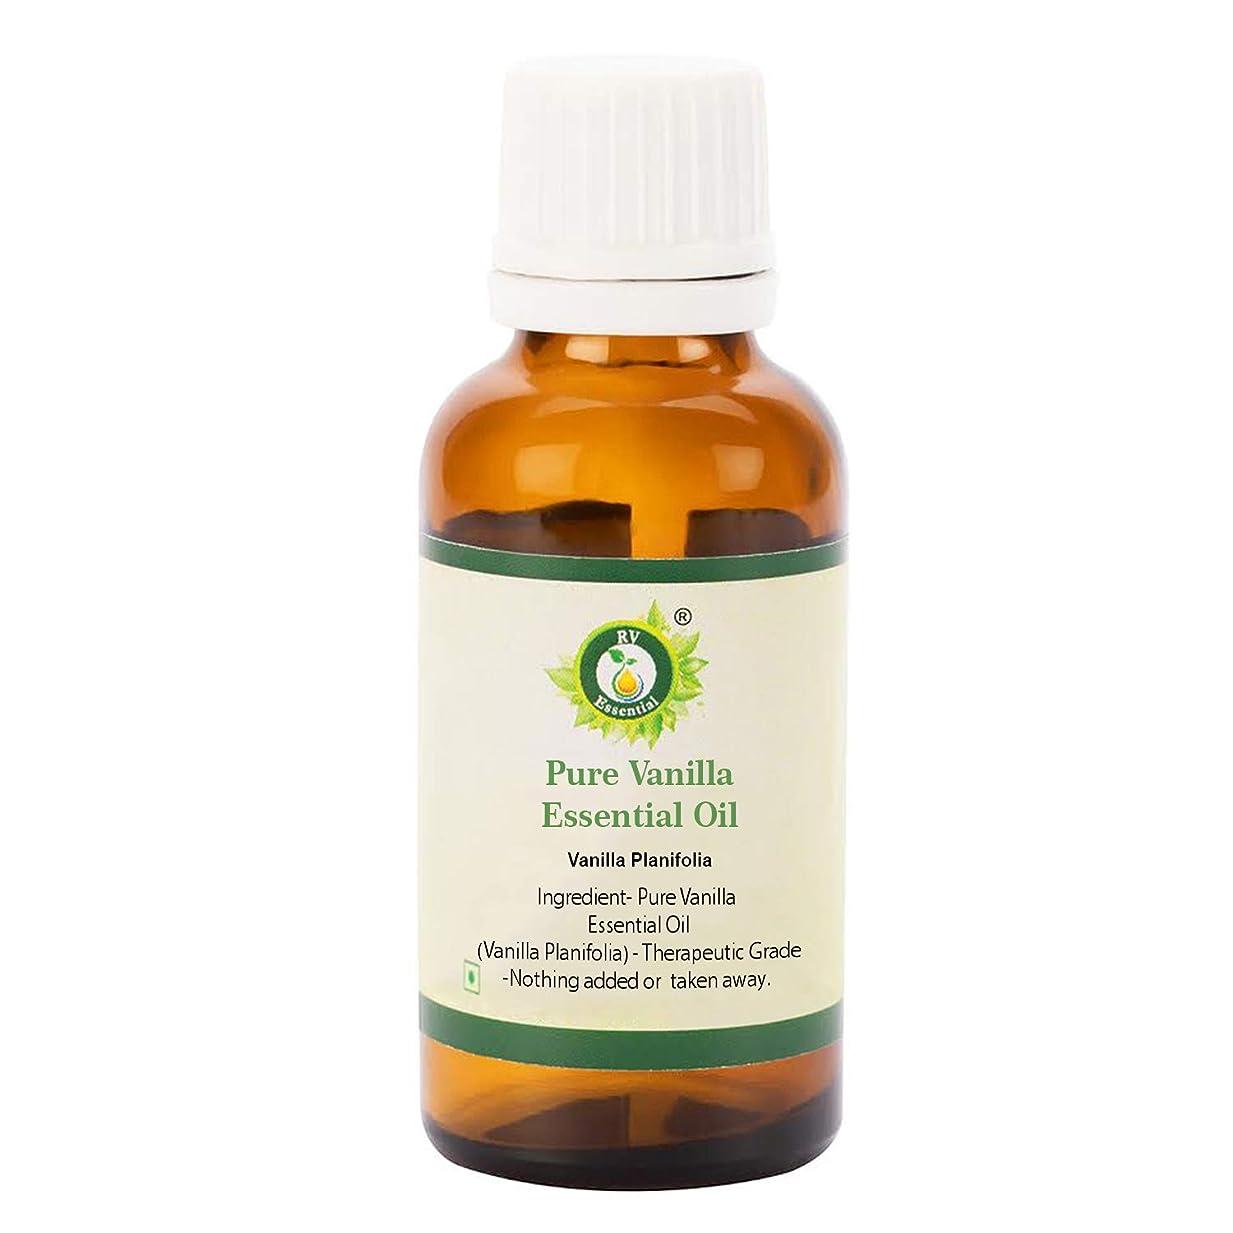 体現するキャロラインマグR V Essential ピュアバニラエッセンシャルオイル30ml (1.01oz)- Vanilla Planifolia (100%純粋&天然) Pure Vanilla Essential Oil